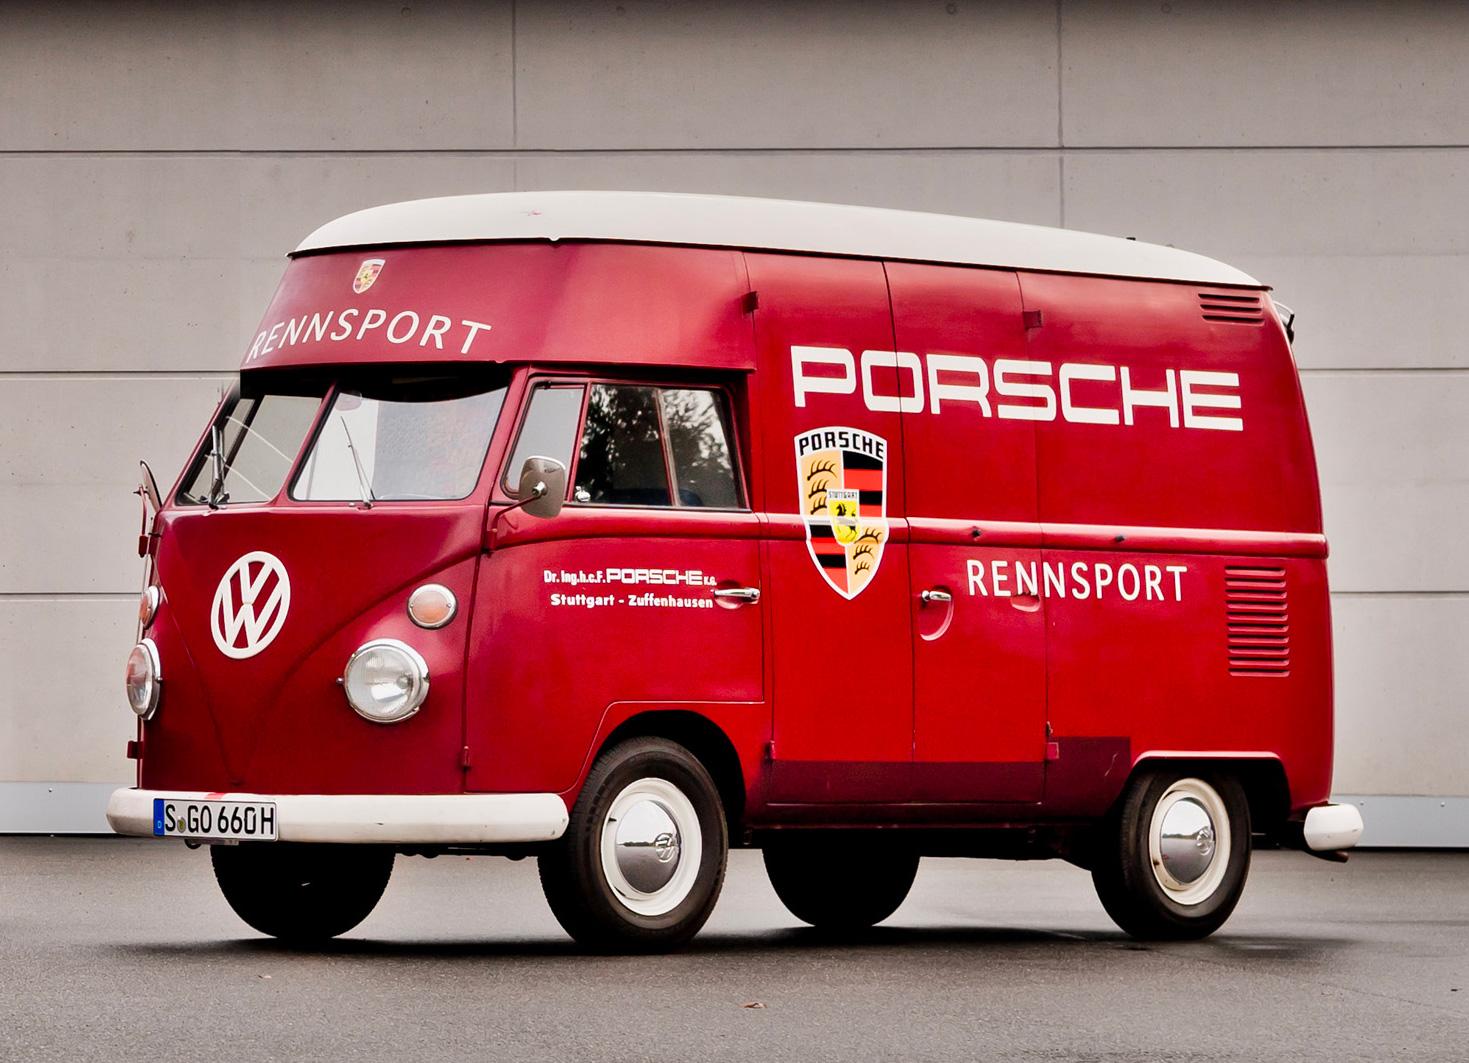 VW Split High Roof assistance Porsche - BeCombi